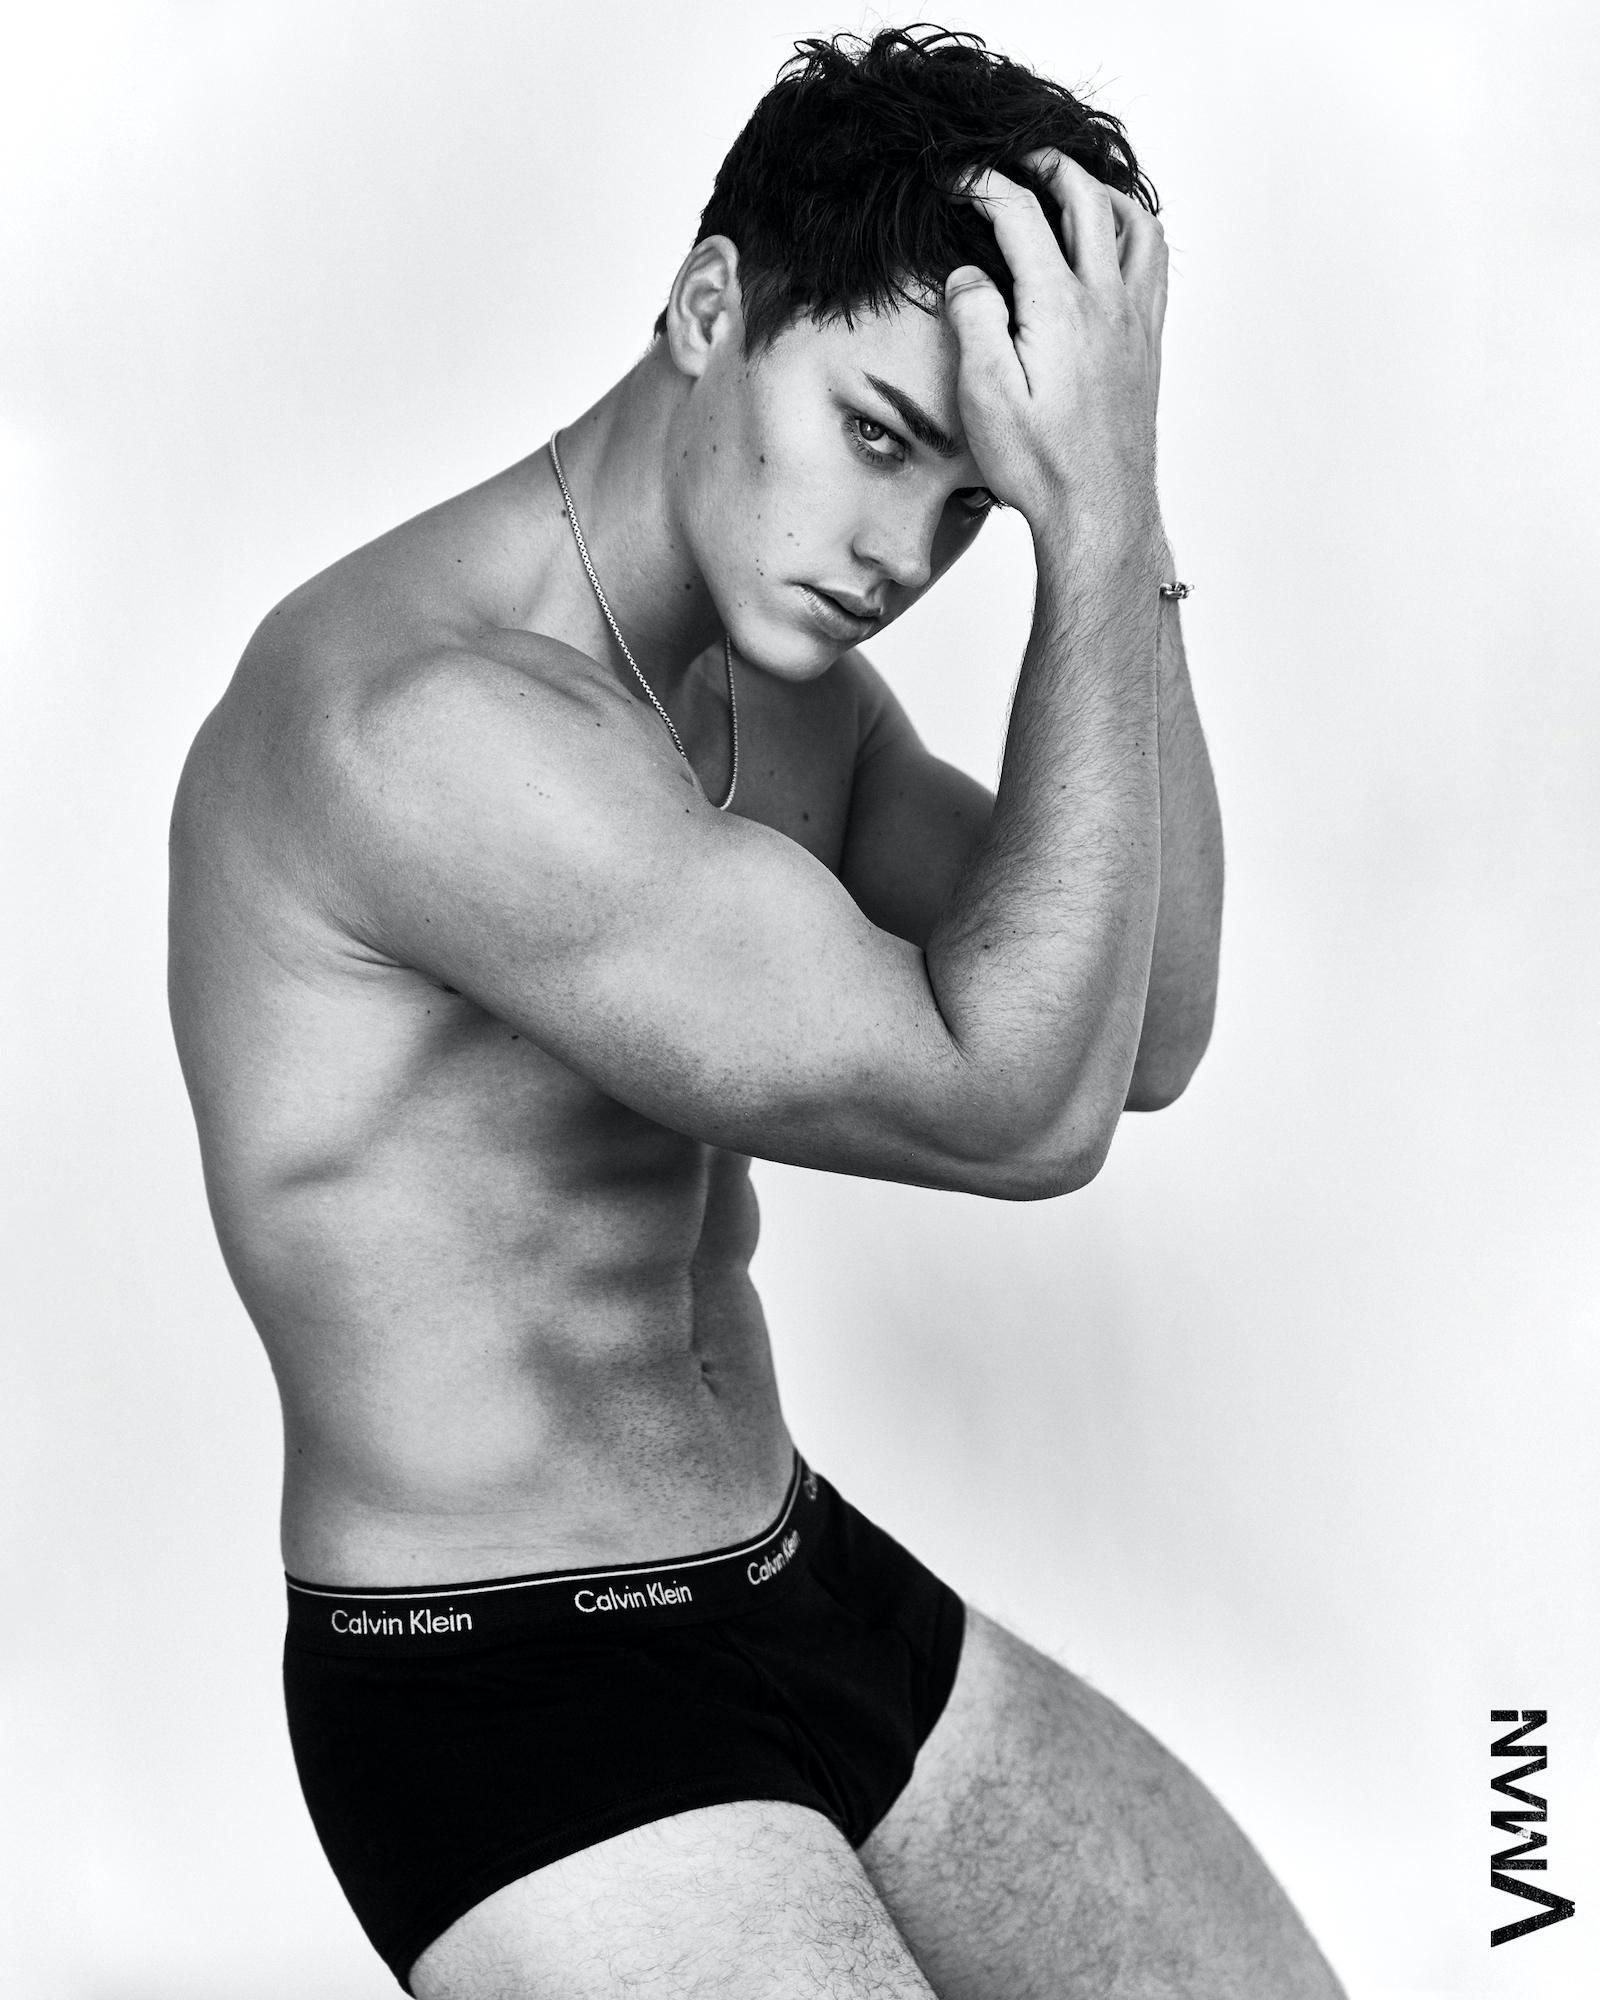 Noah wears underwear Calvin Klein / jewelry stylist's own